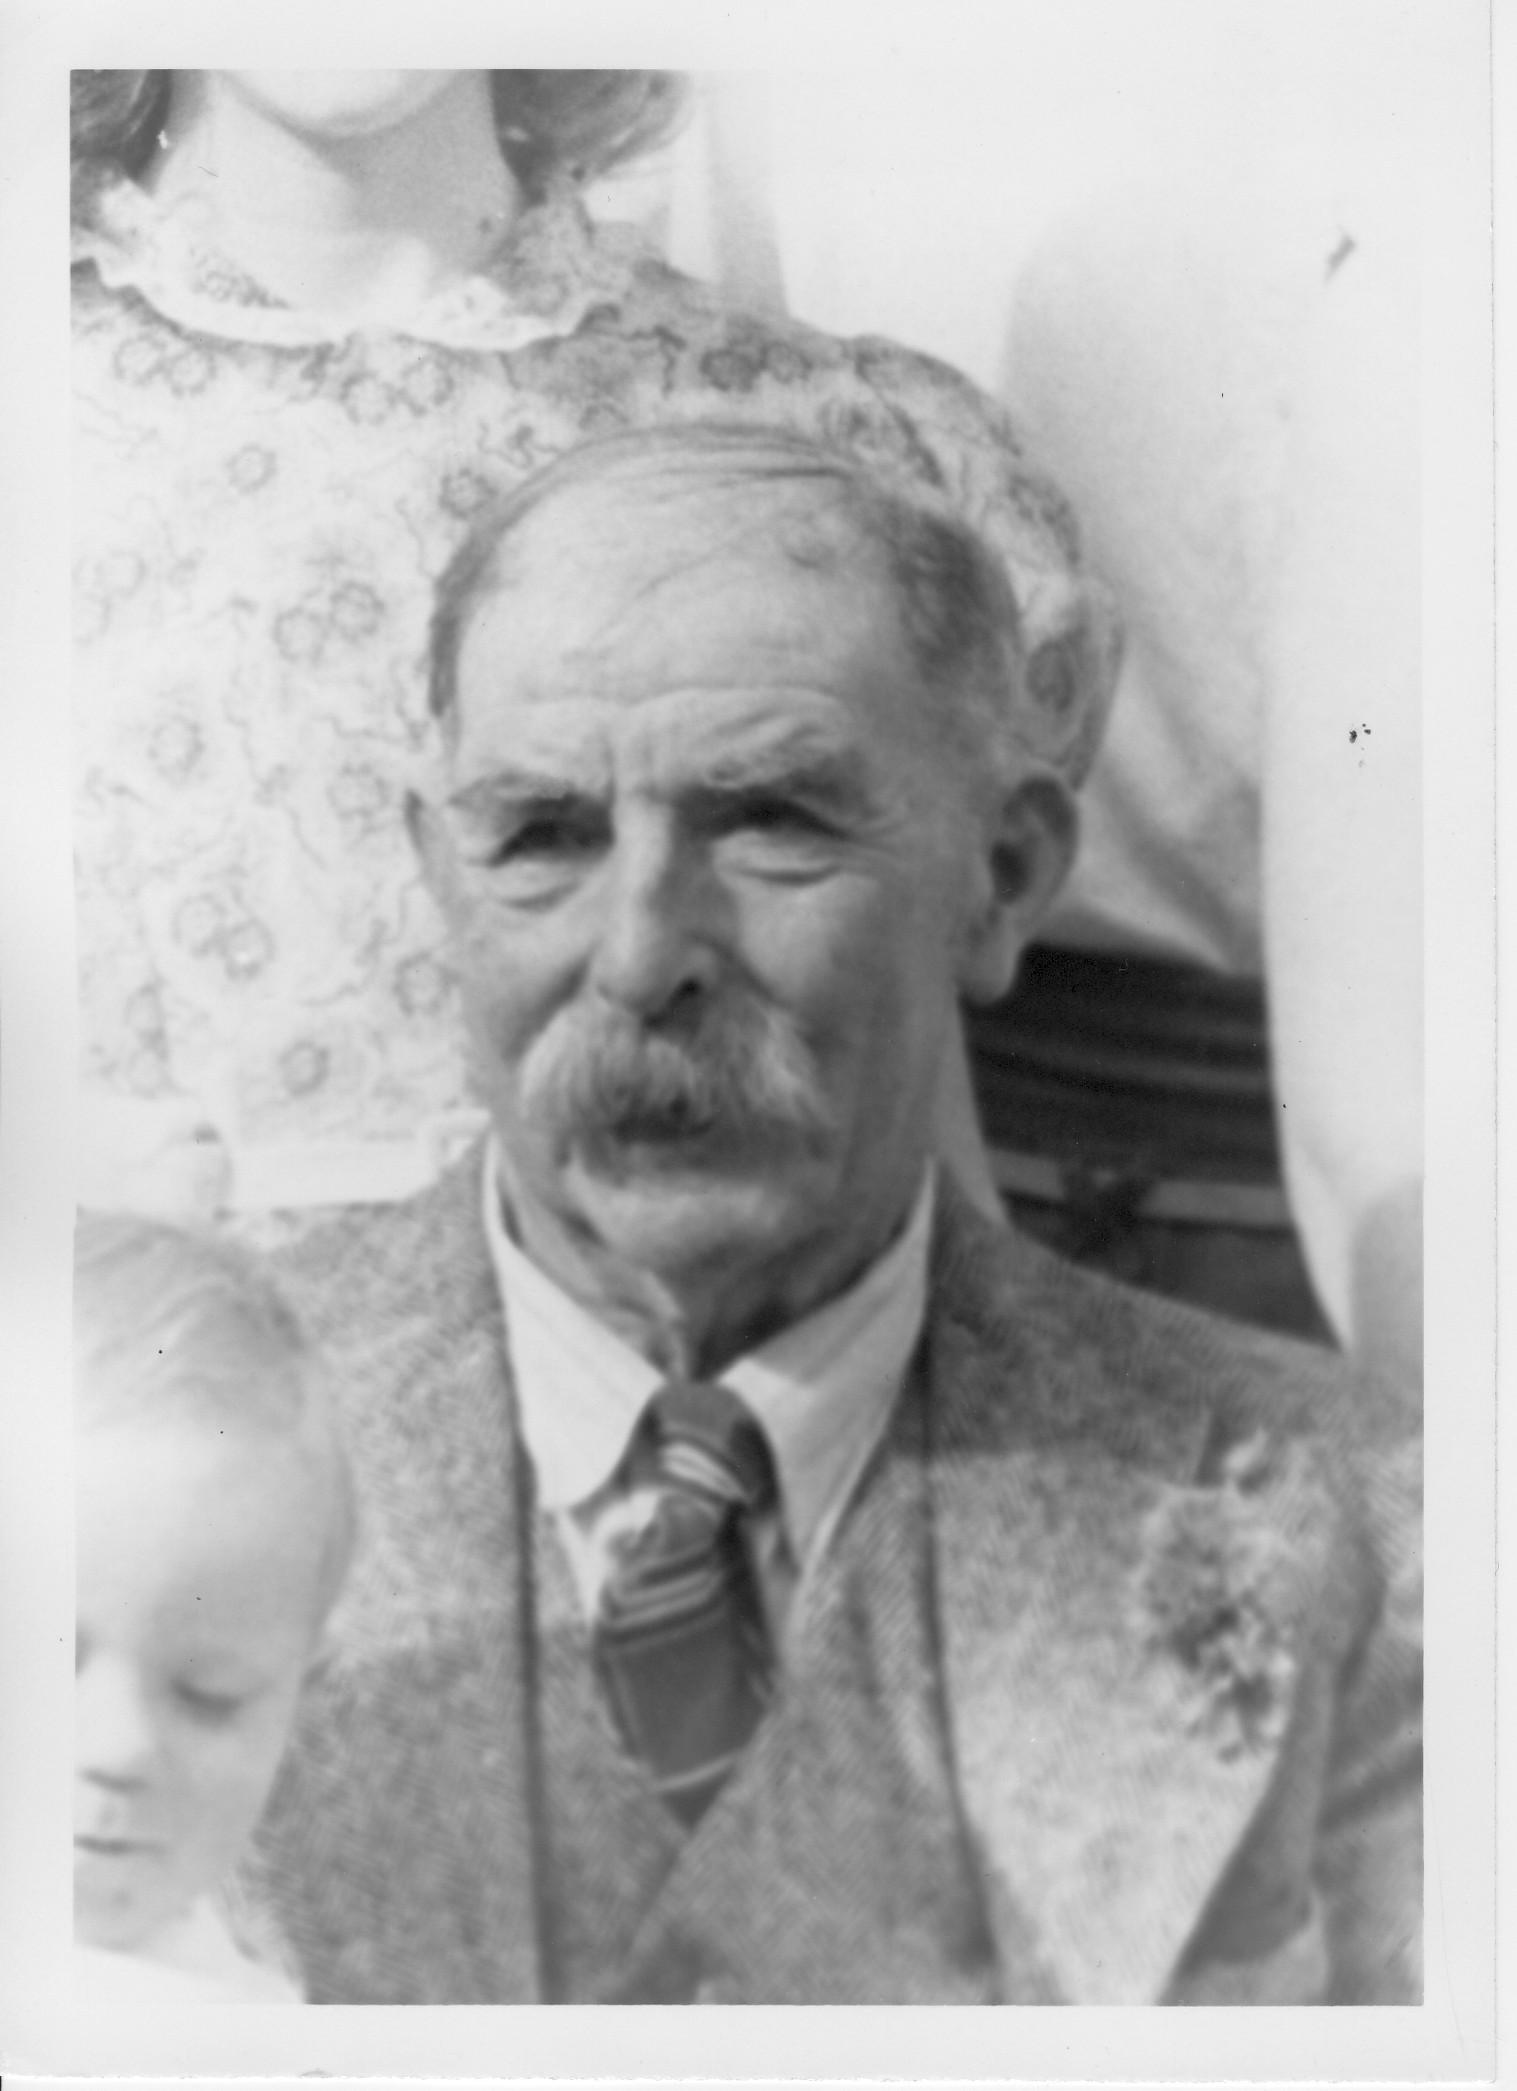 Portrait of Harry Dunsdon.